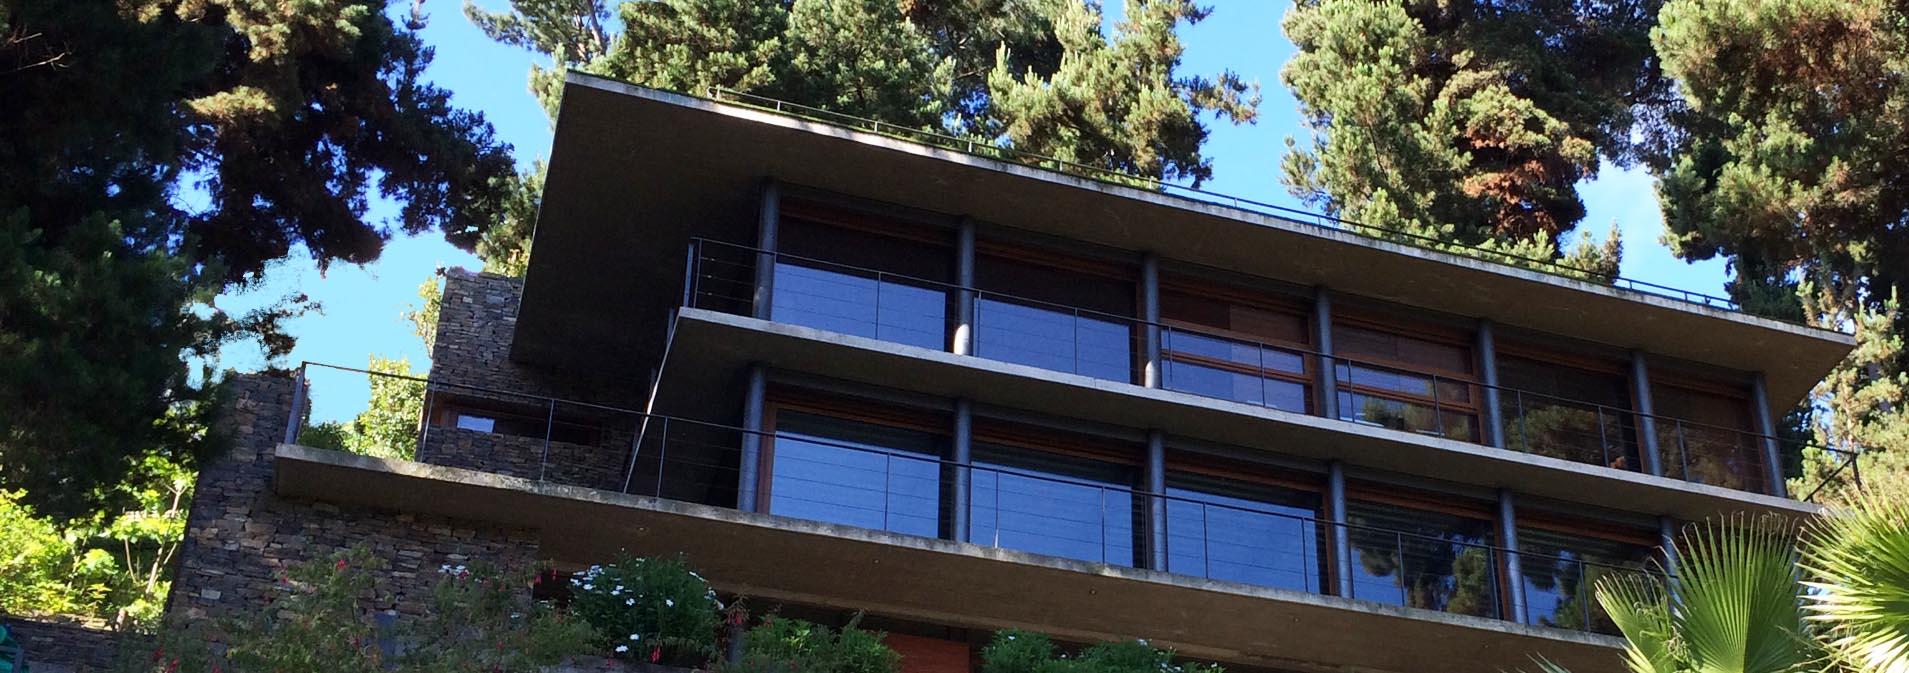 Casa Zapallar, Valparaíso